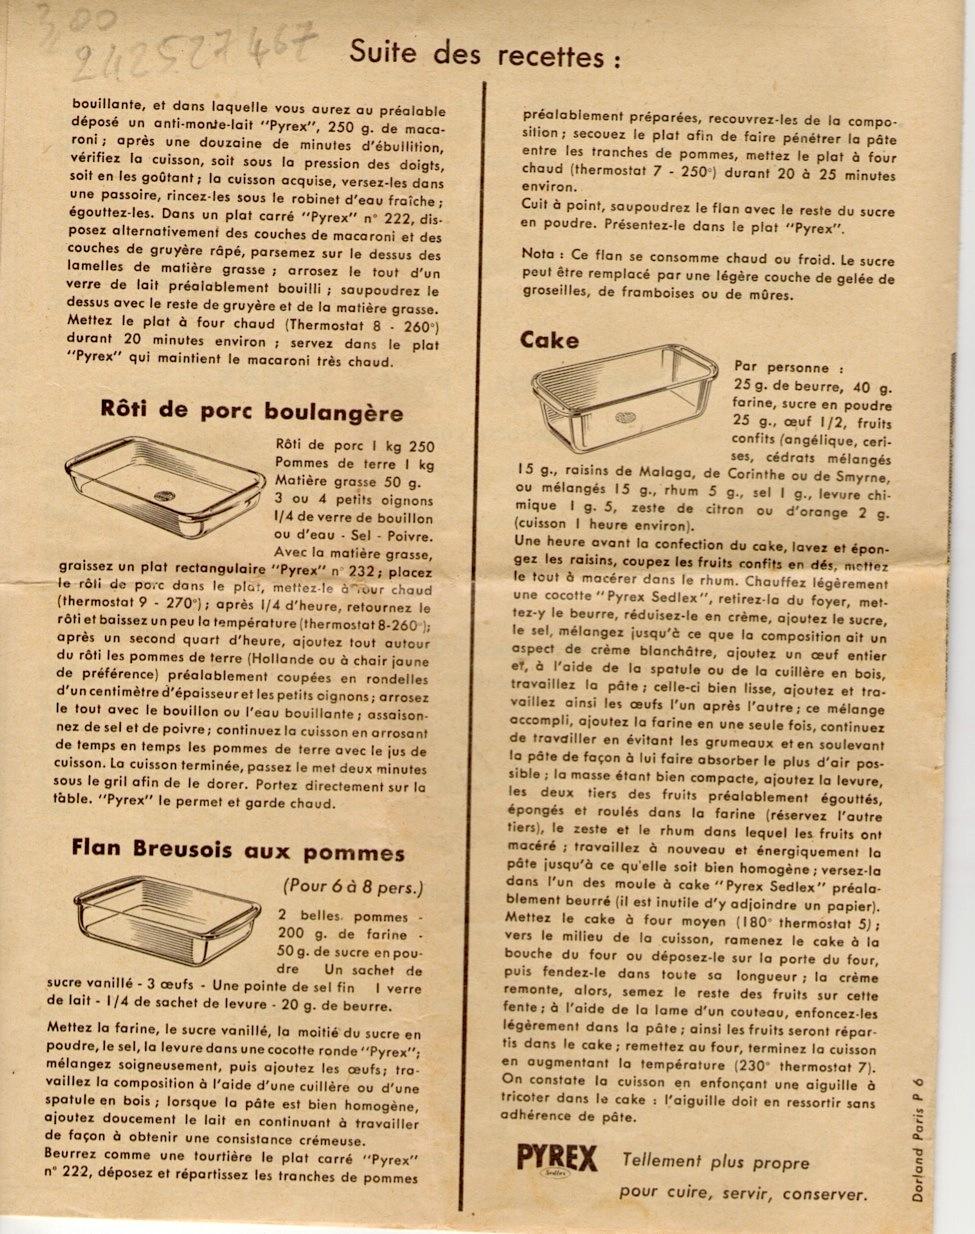 PYREX.1957.6